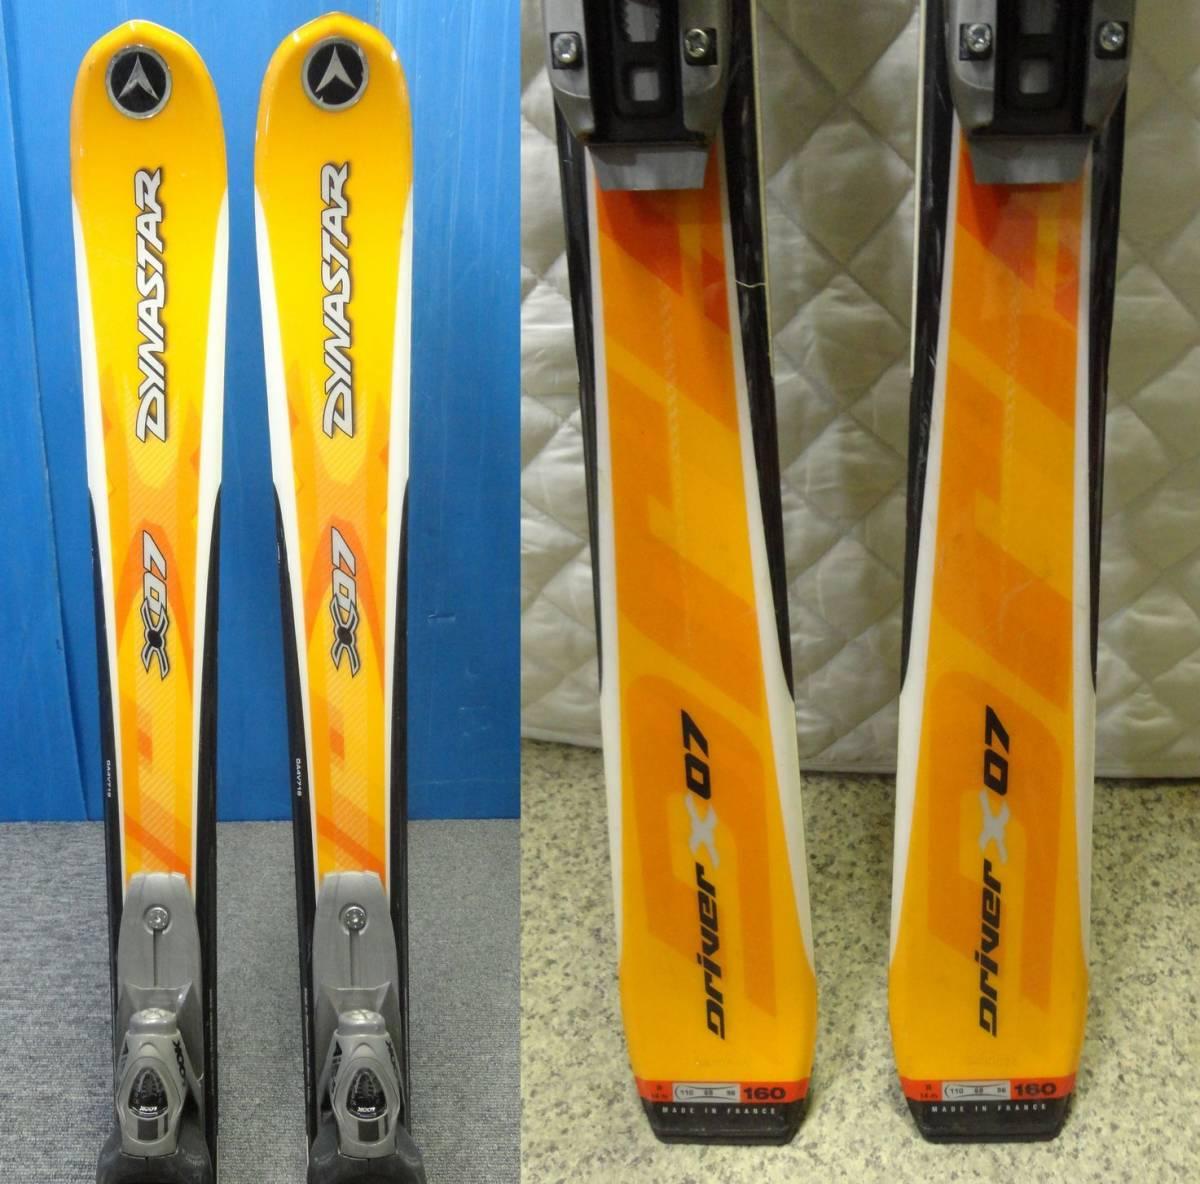 【YU505】DYNASTAR ダイナスター スキー板 ビンディングセット Driver X07 LOOK AIS 全長約159cm SKI スポーツ_画像3